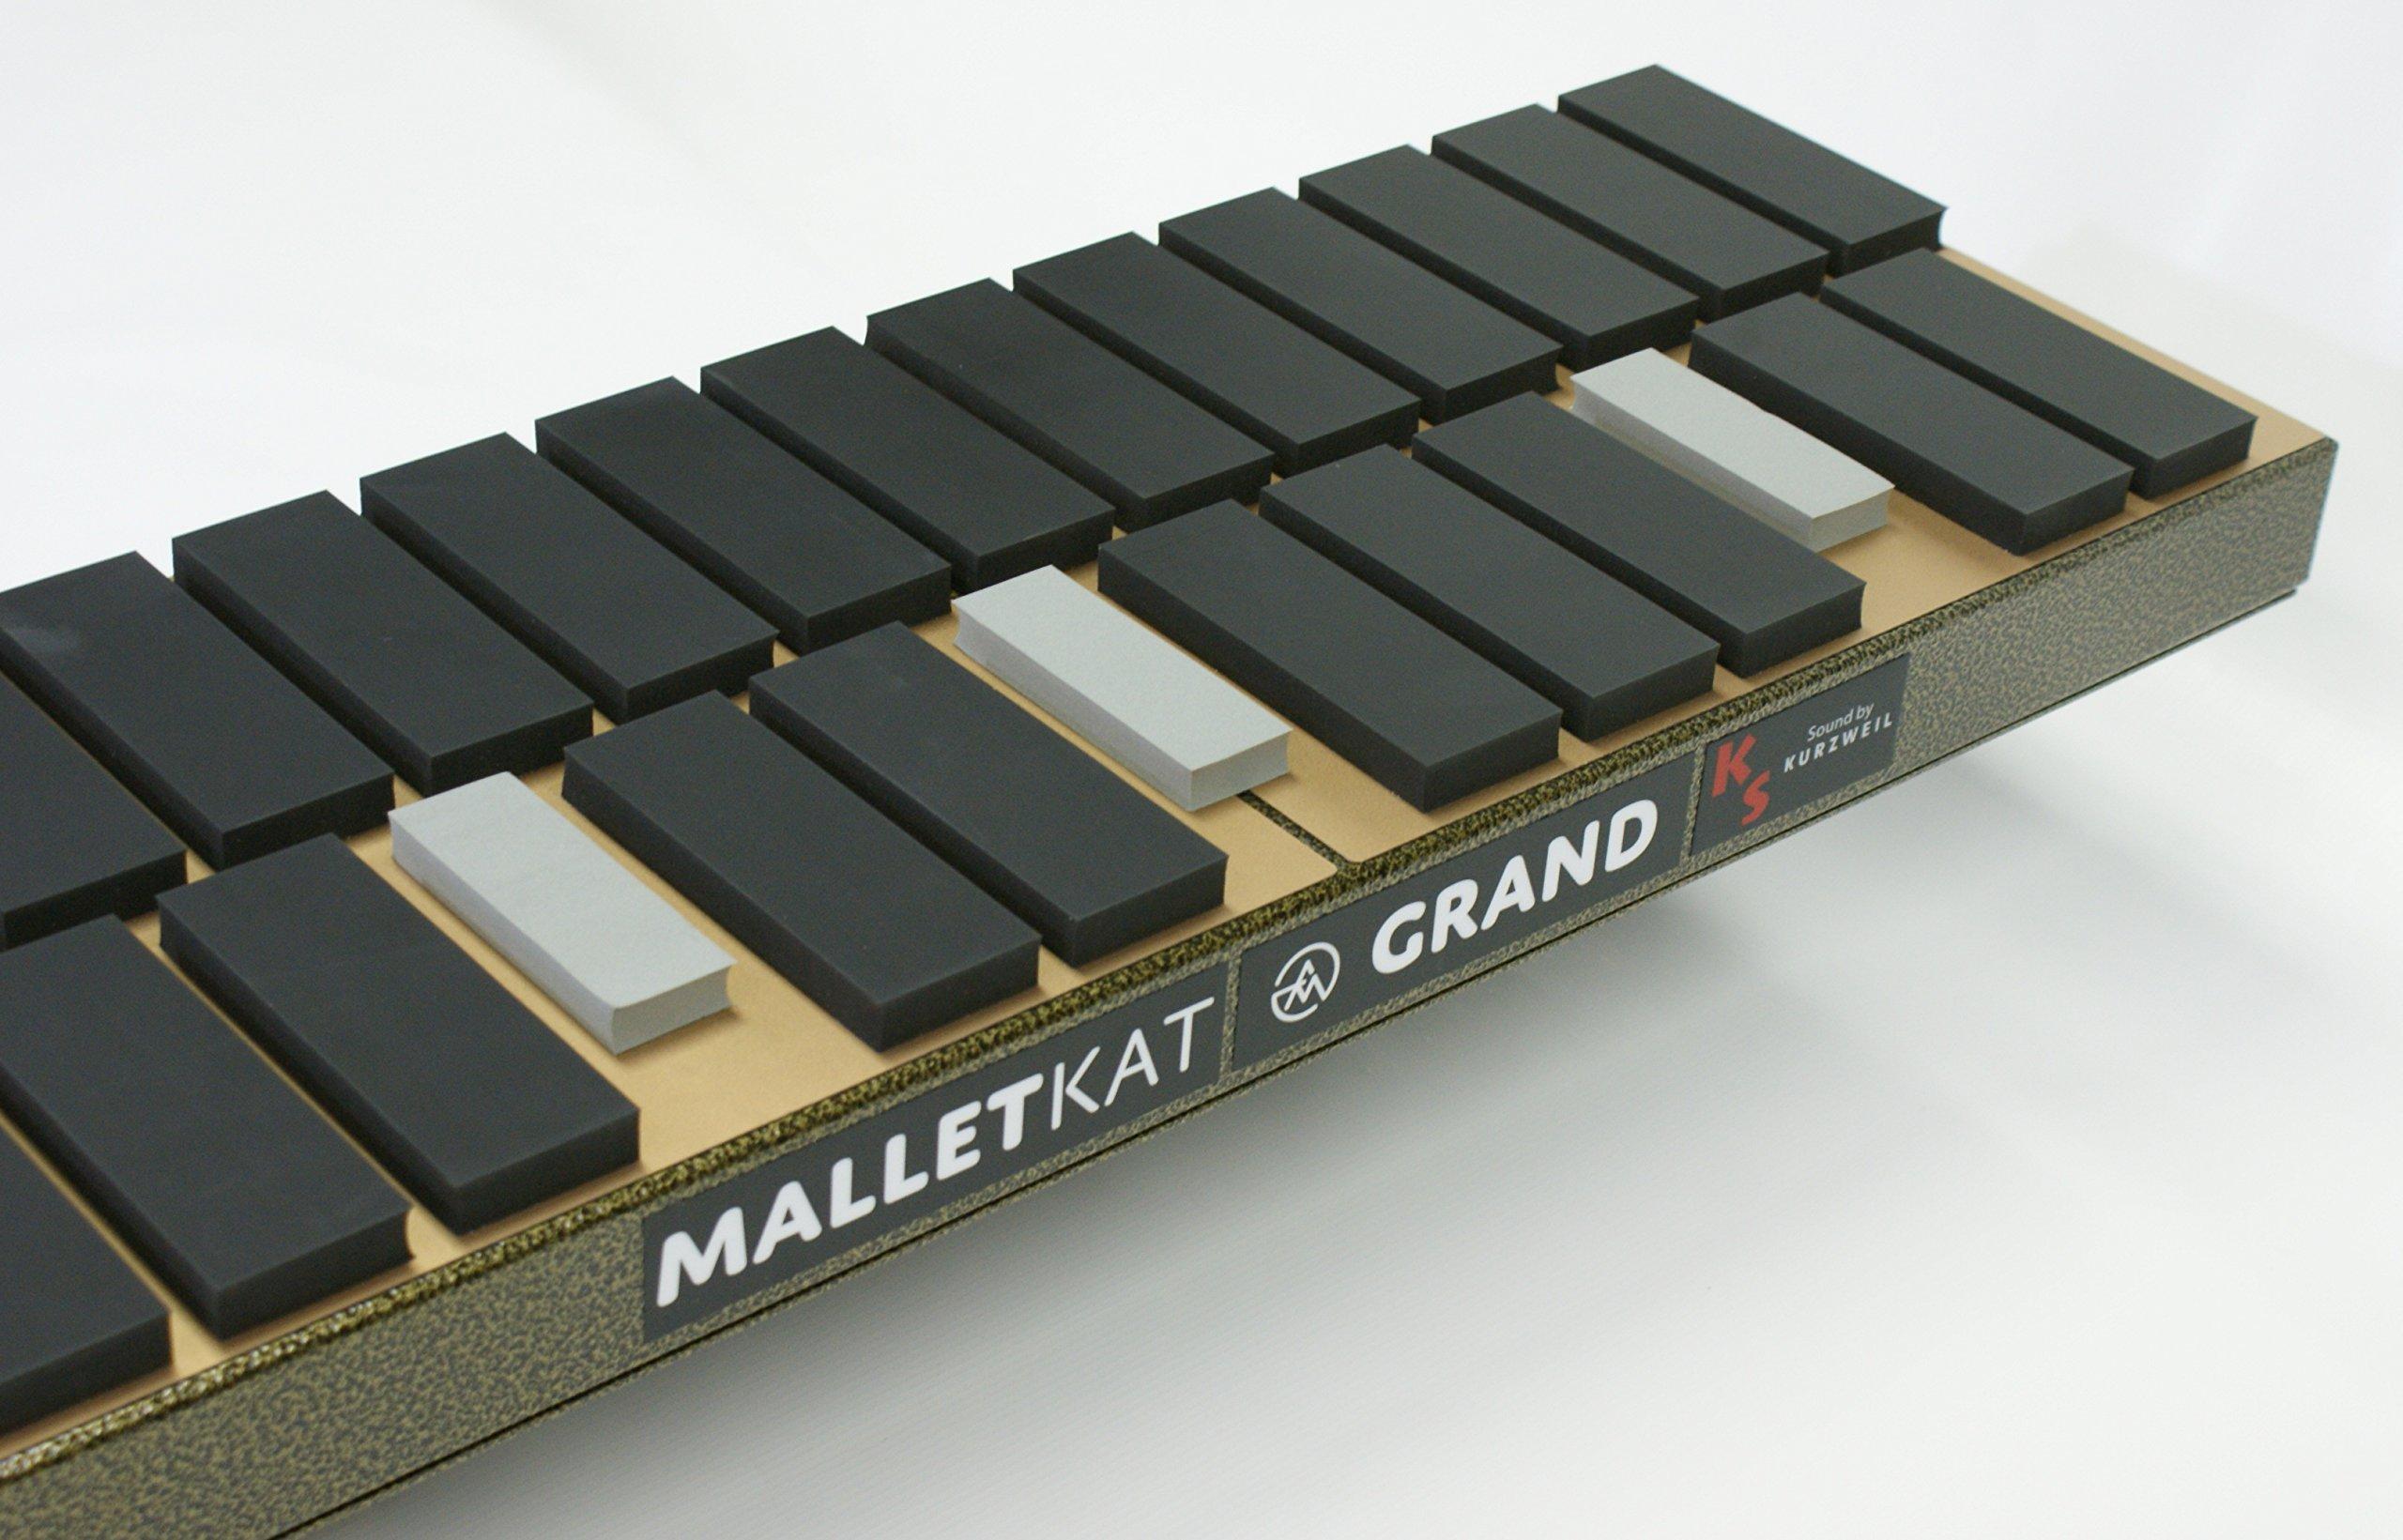 MalletKAT Grand KS (Kurzweil Sound Engine) Bundle from Alternate Mode